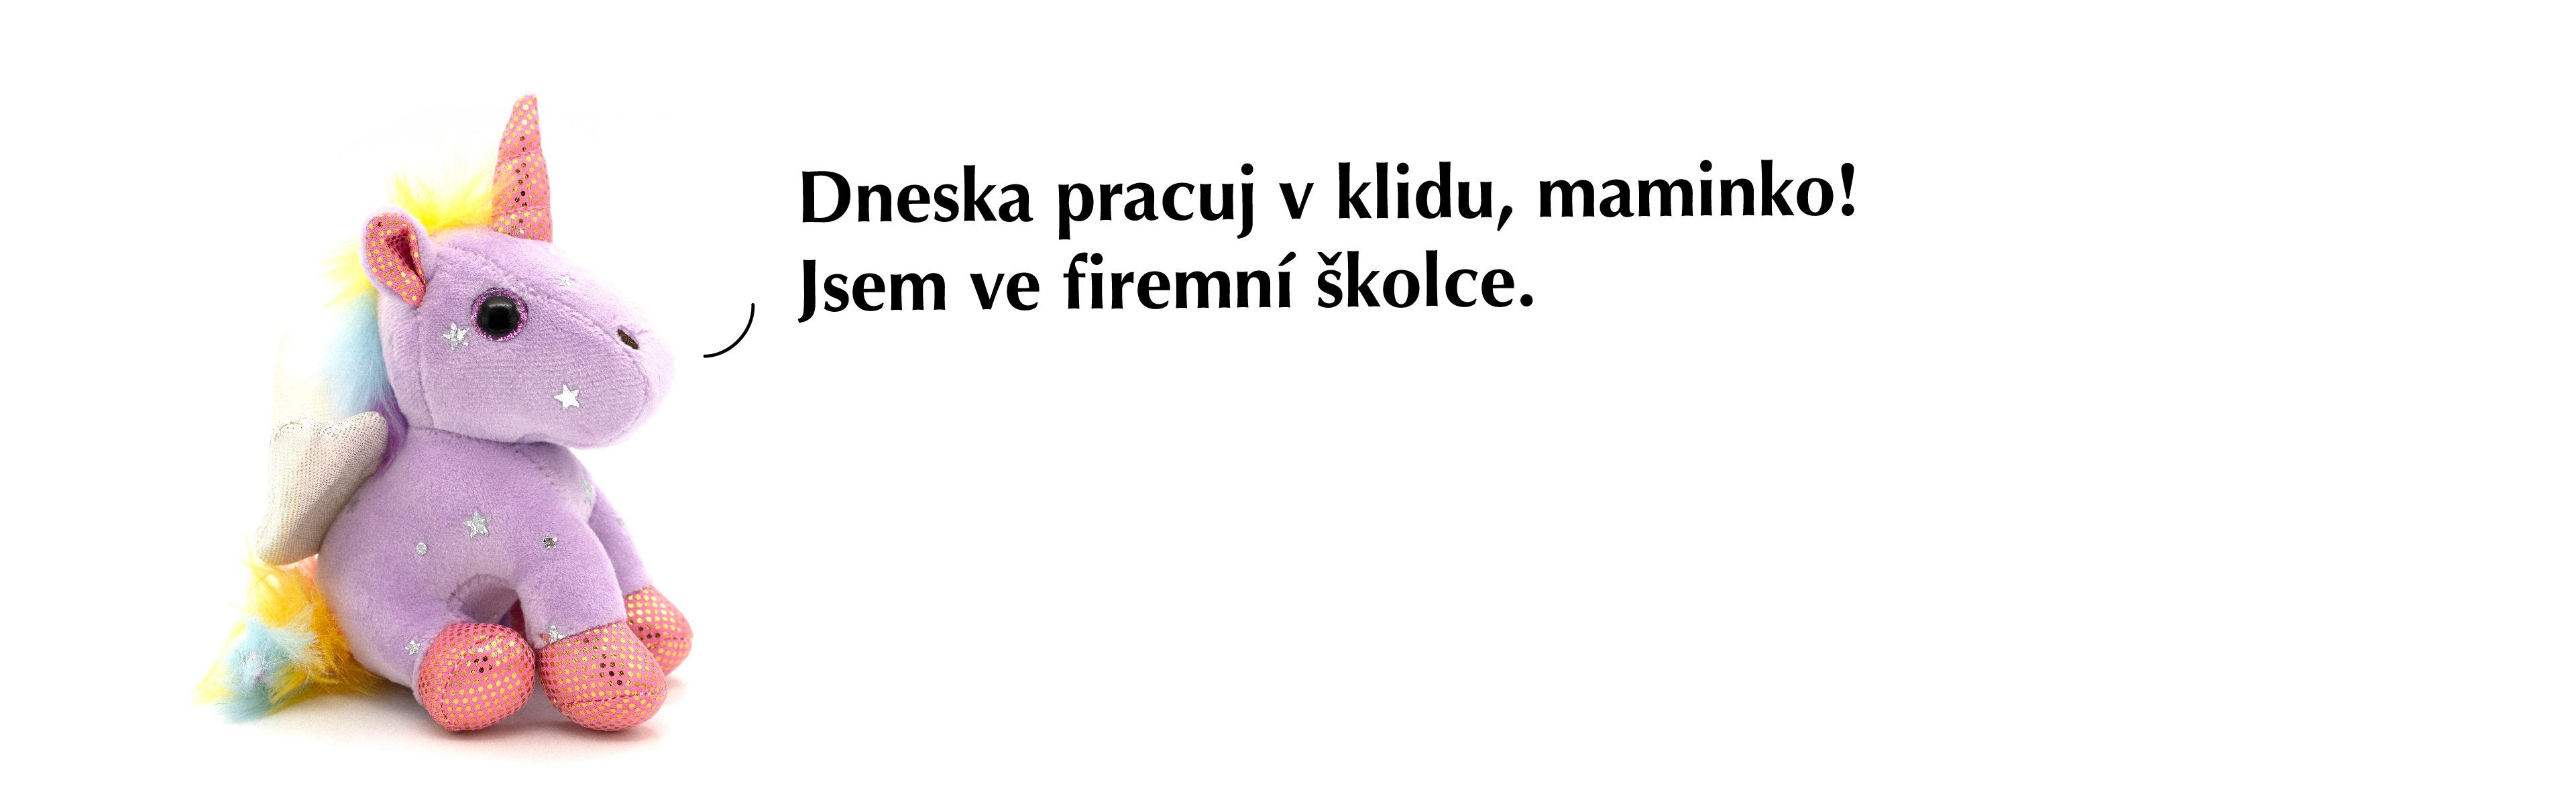 Perlíčky na Atmoskop.cz